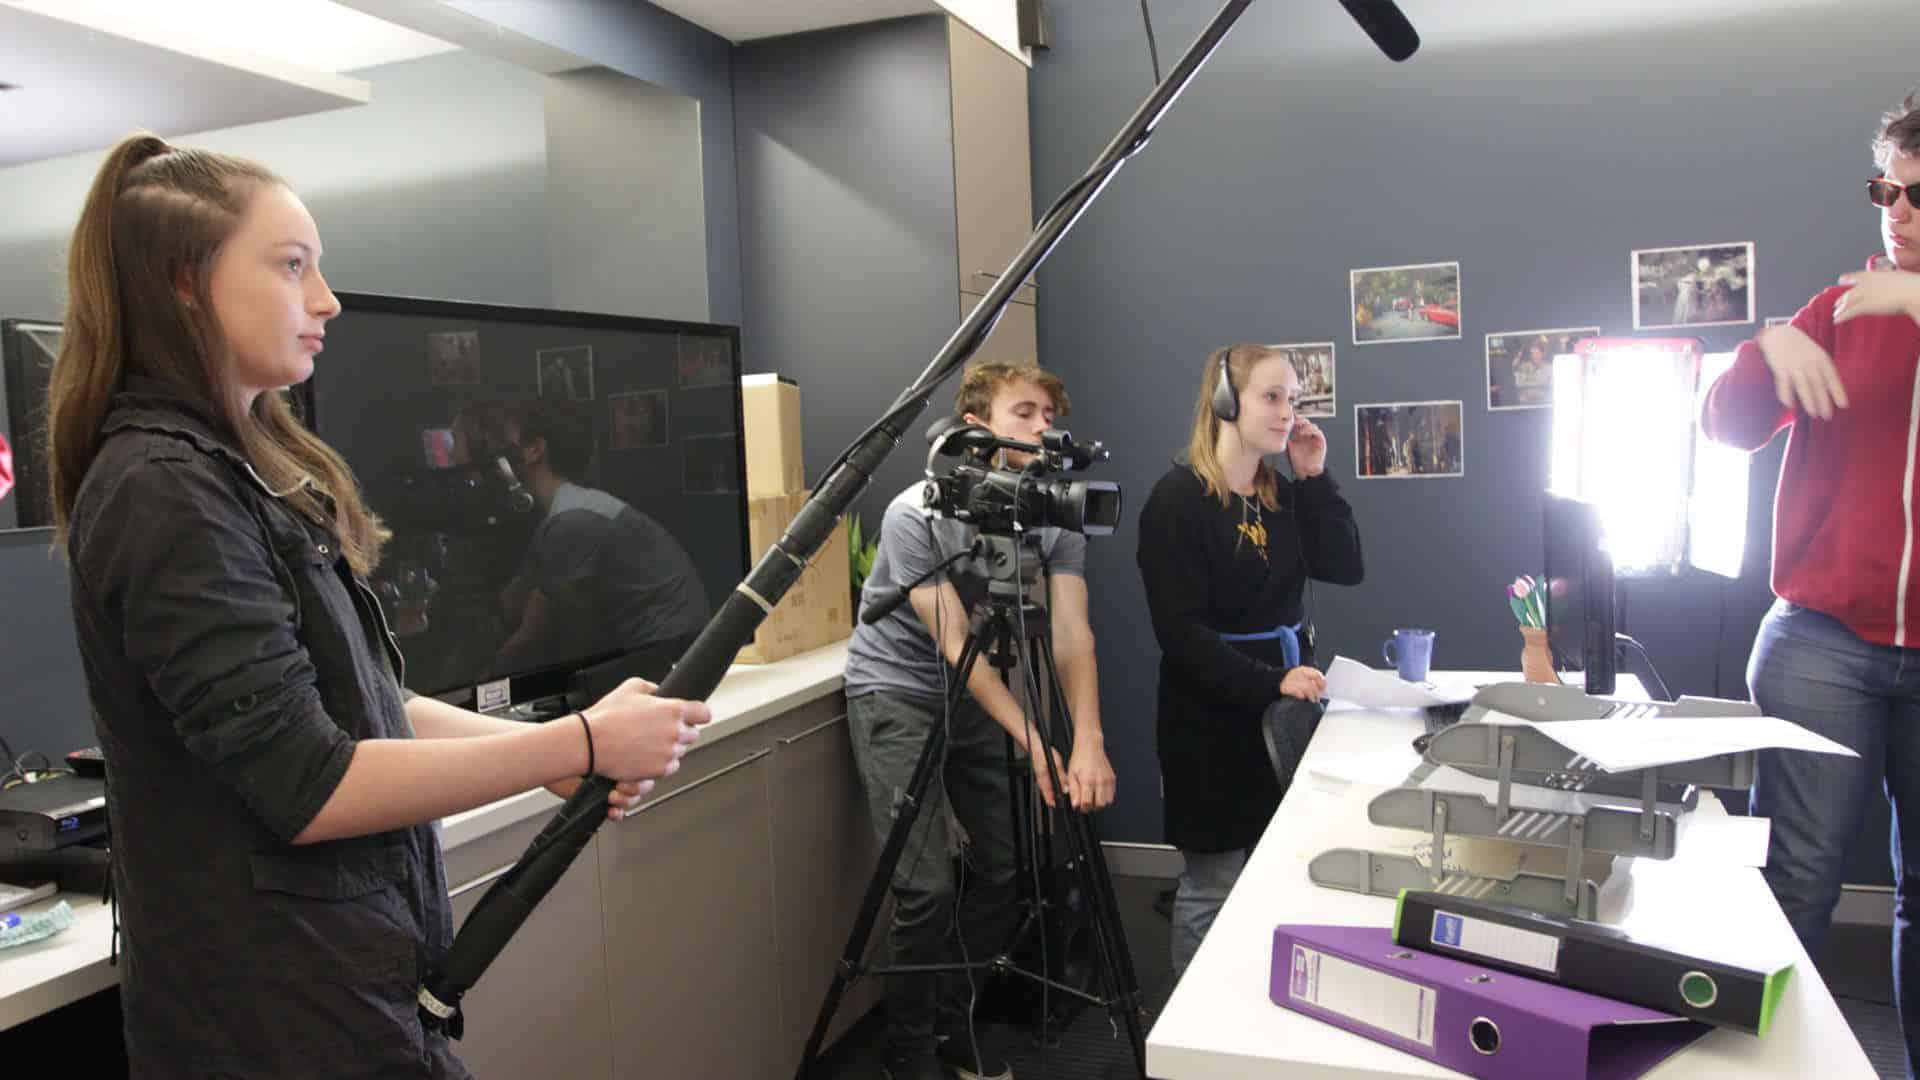 B2B Filmschool, Weidendamm 8 (nicht Seminarort), …